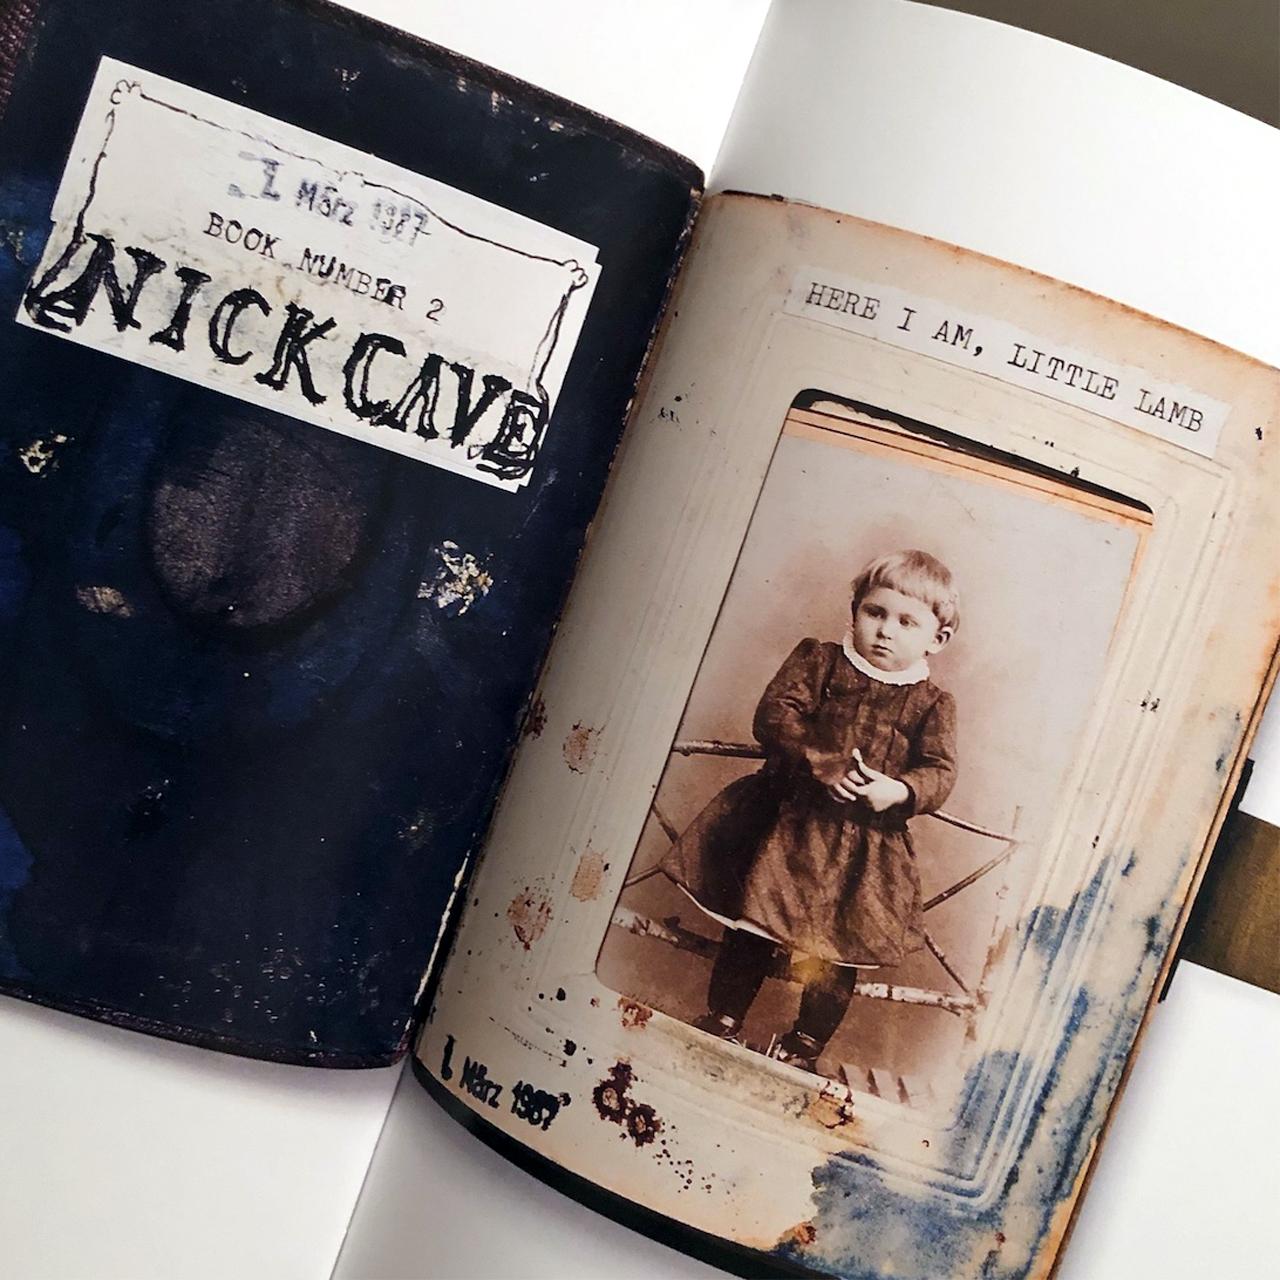 Notizbuch und Foto von Nick Cave als Kind